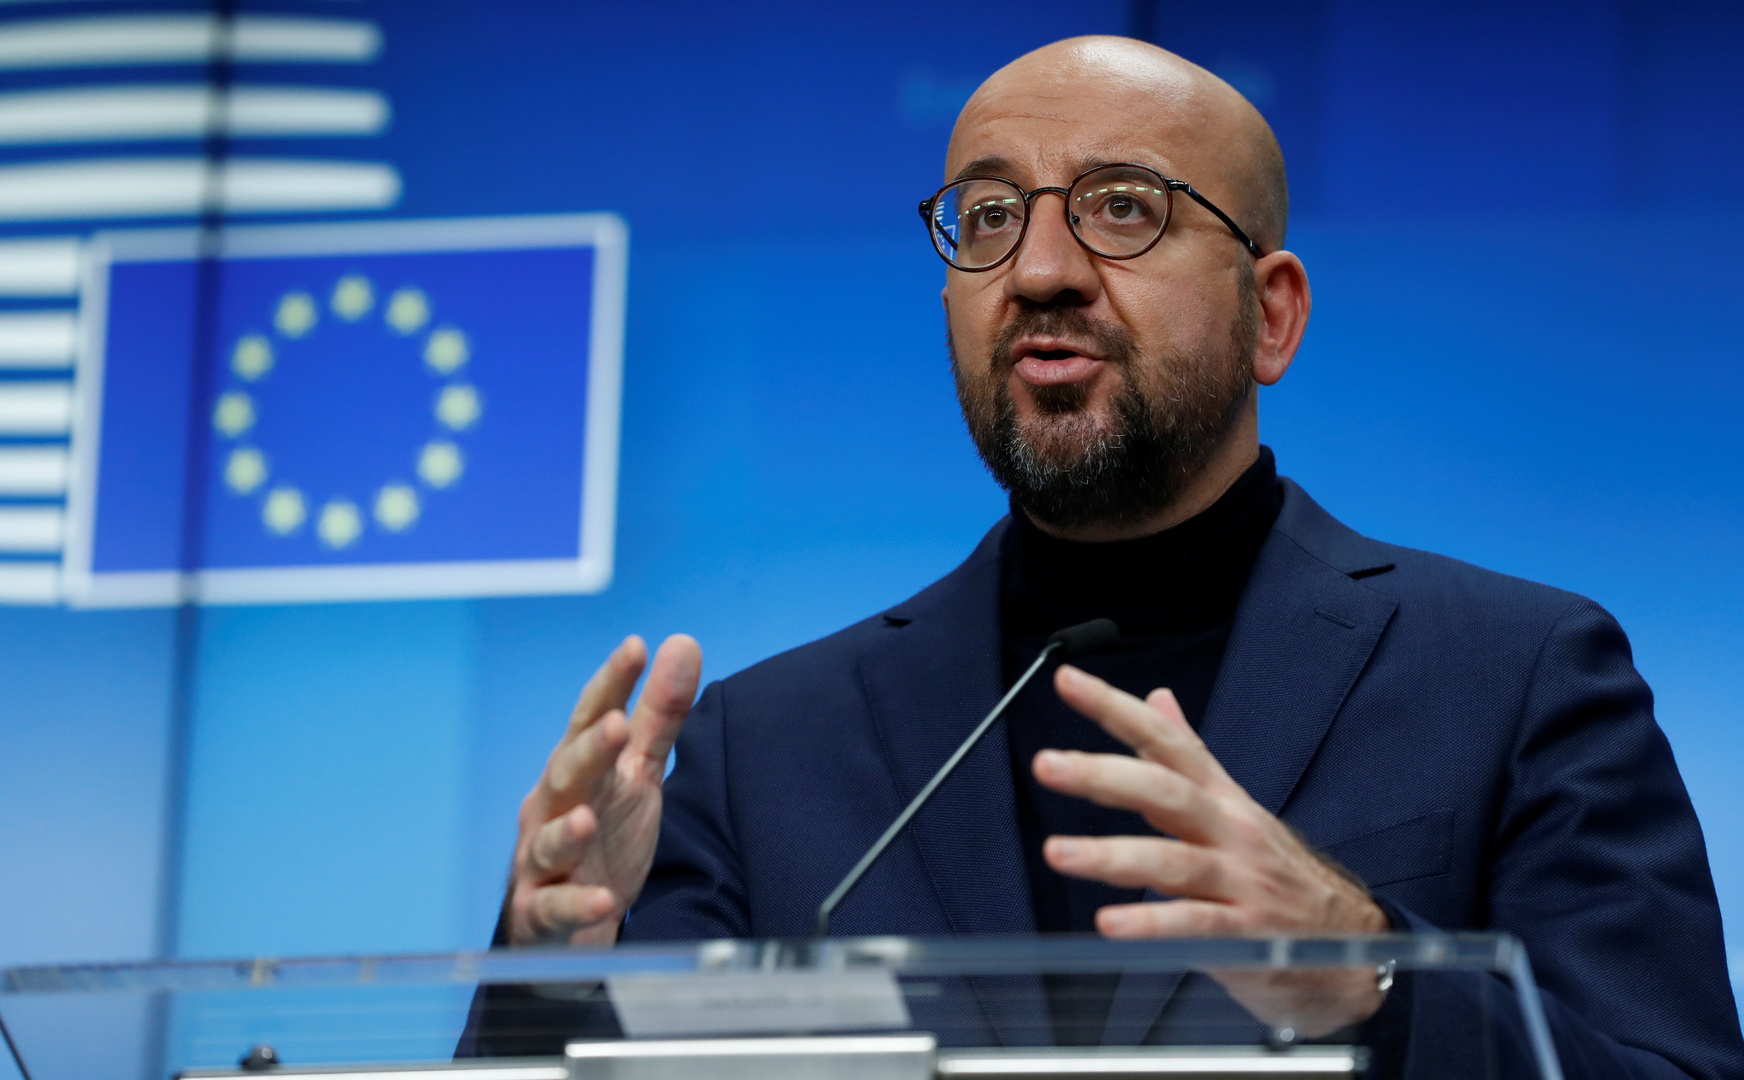 الاتحاد الأوروبي يعتزم تشكيل هيئة لتأهيل الأئمة